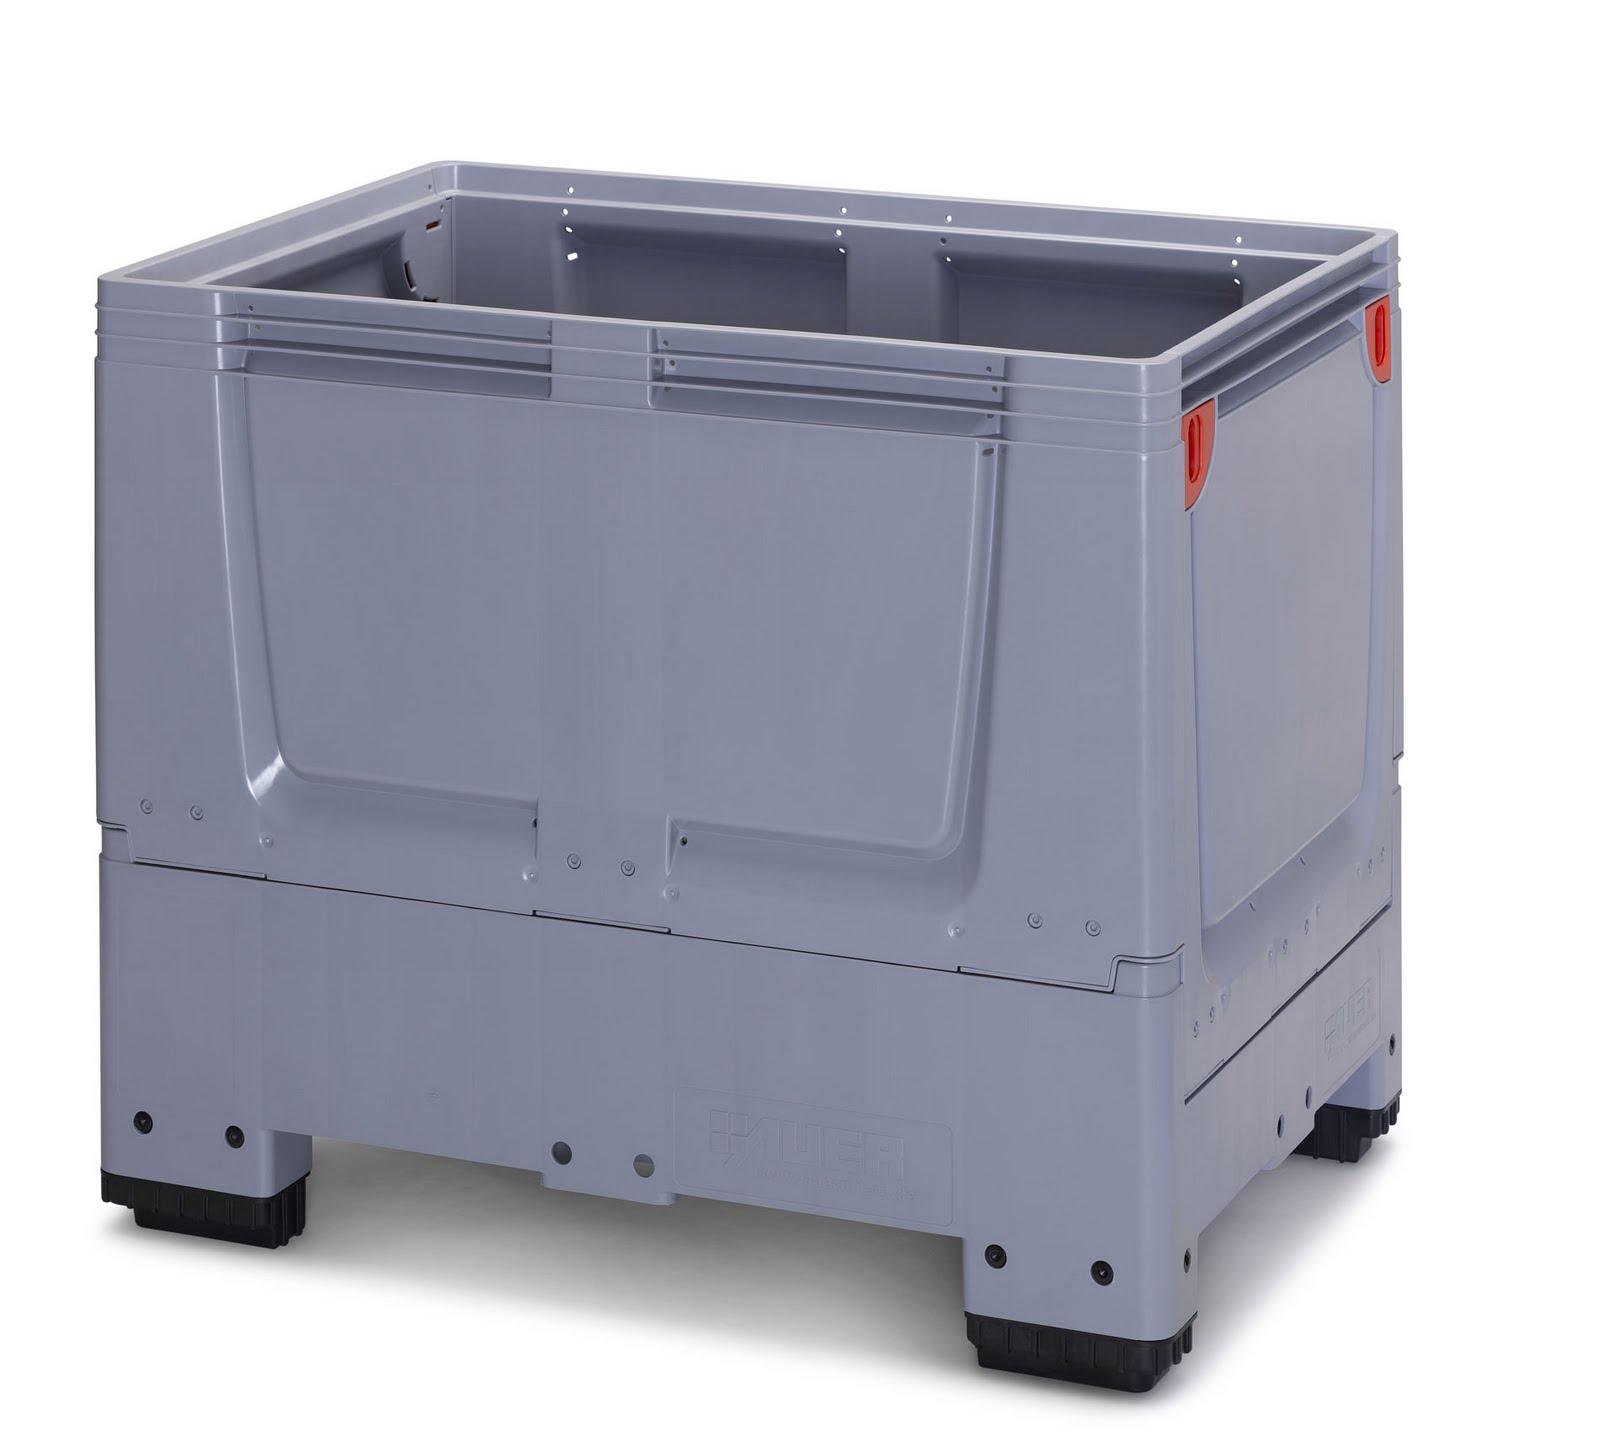 0aabf41af74d Inka Palets Barcelona: 6.2 Caja-contenedor plegable PlegaBox 1208 de ...